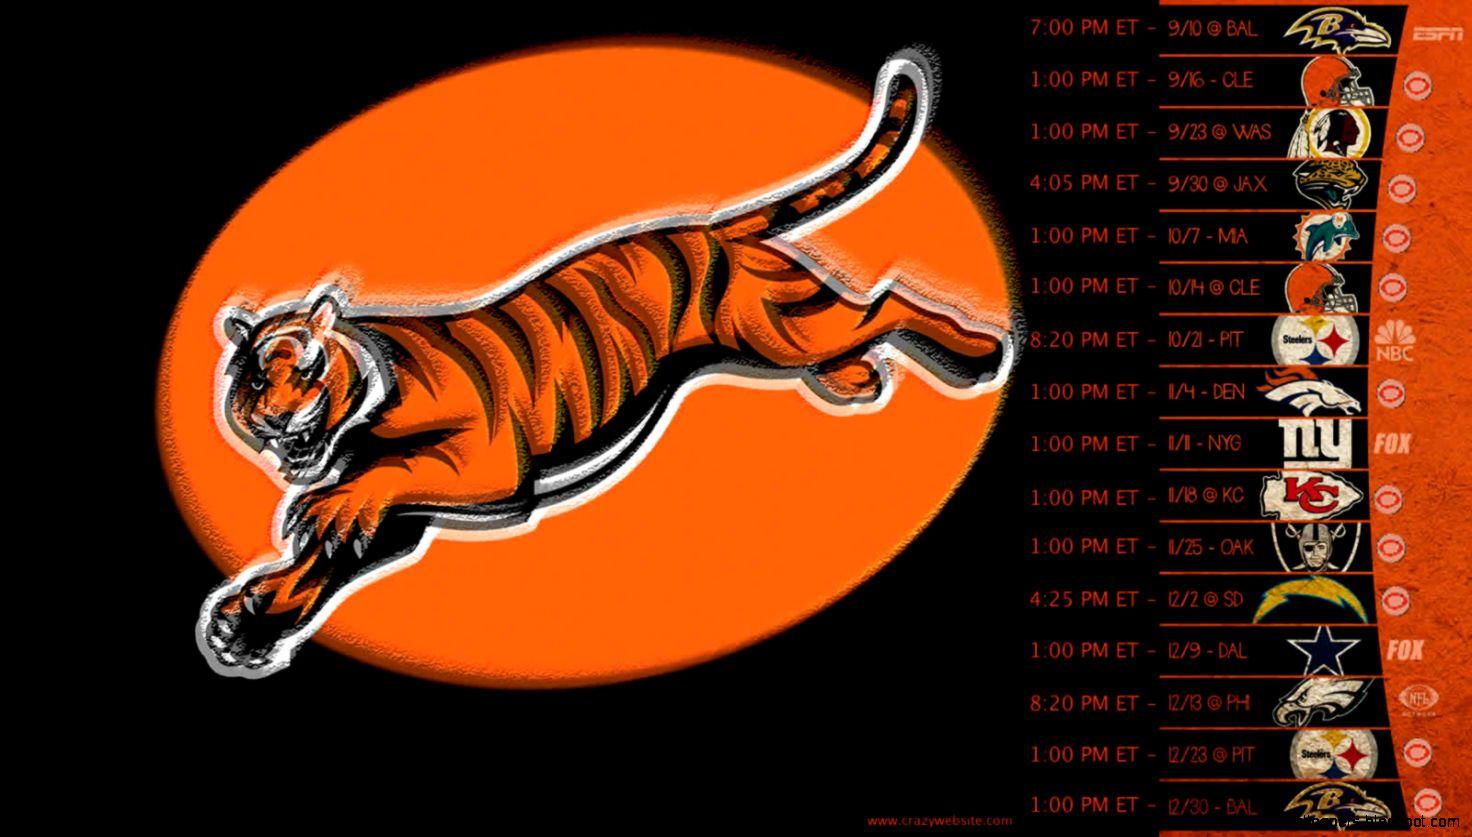 Cincinnati Bengals 2012 Game Schedule Football Team Wallpaper